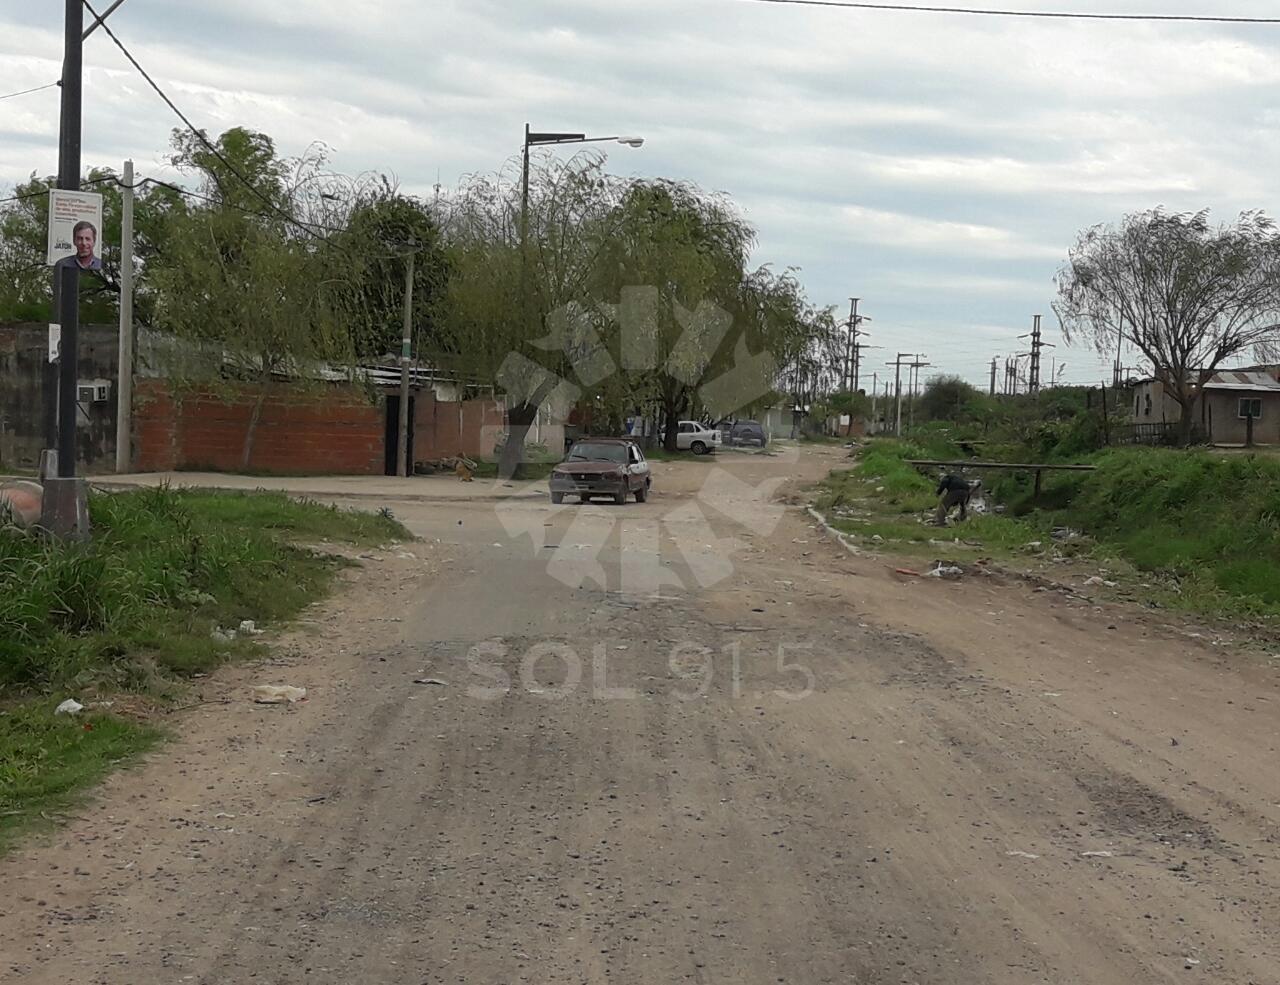 Nuevo homicidio en barrio villa oculta sol 91 5 for 5 principales villas ocultas naruto